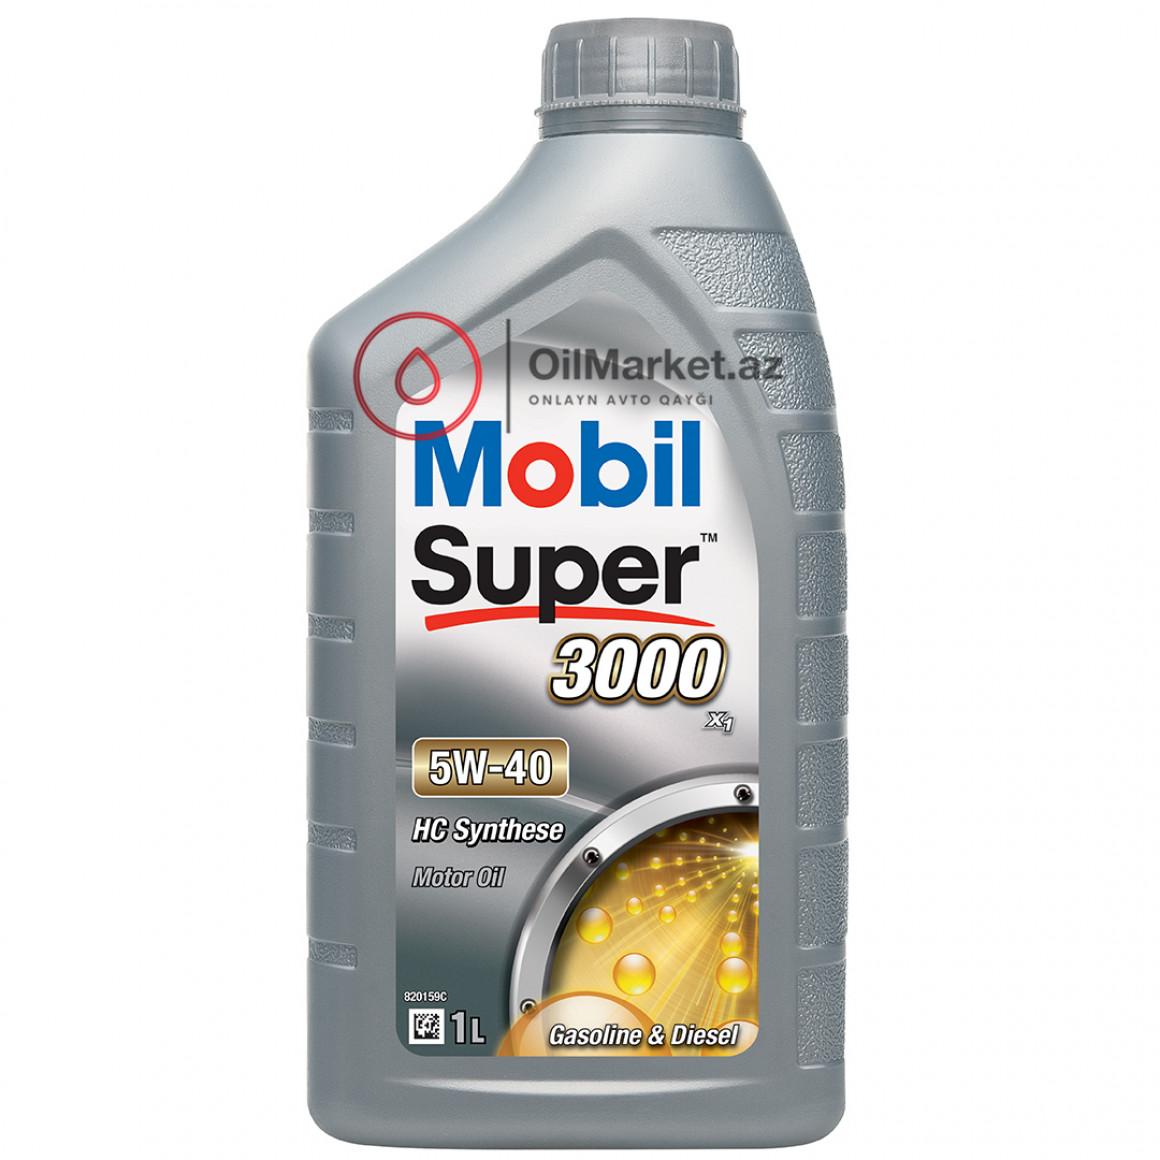 Mobil Super 3000 X1 5W-40 1lt